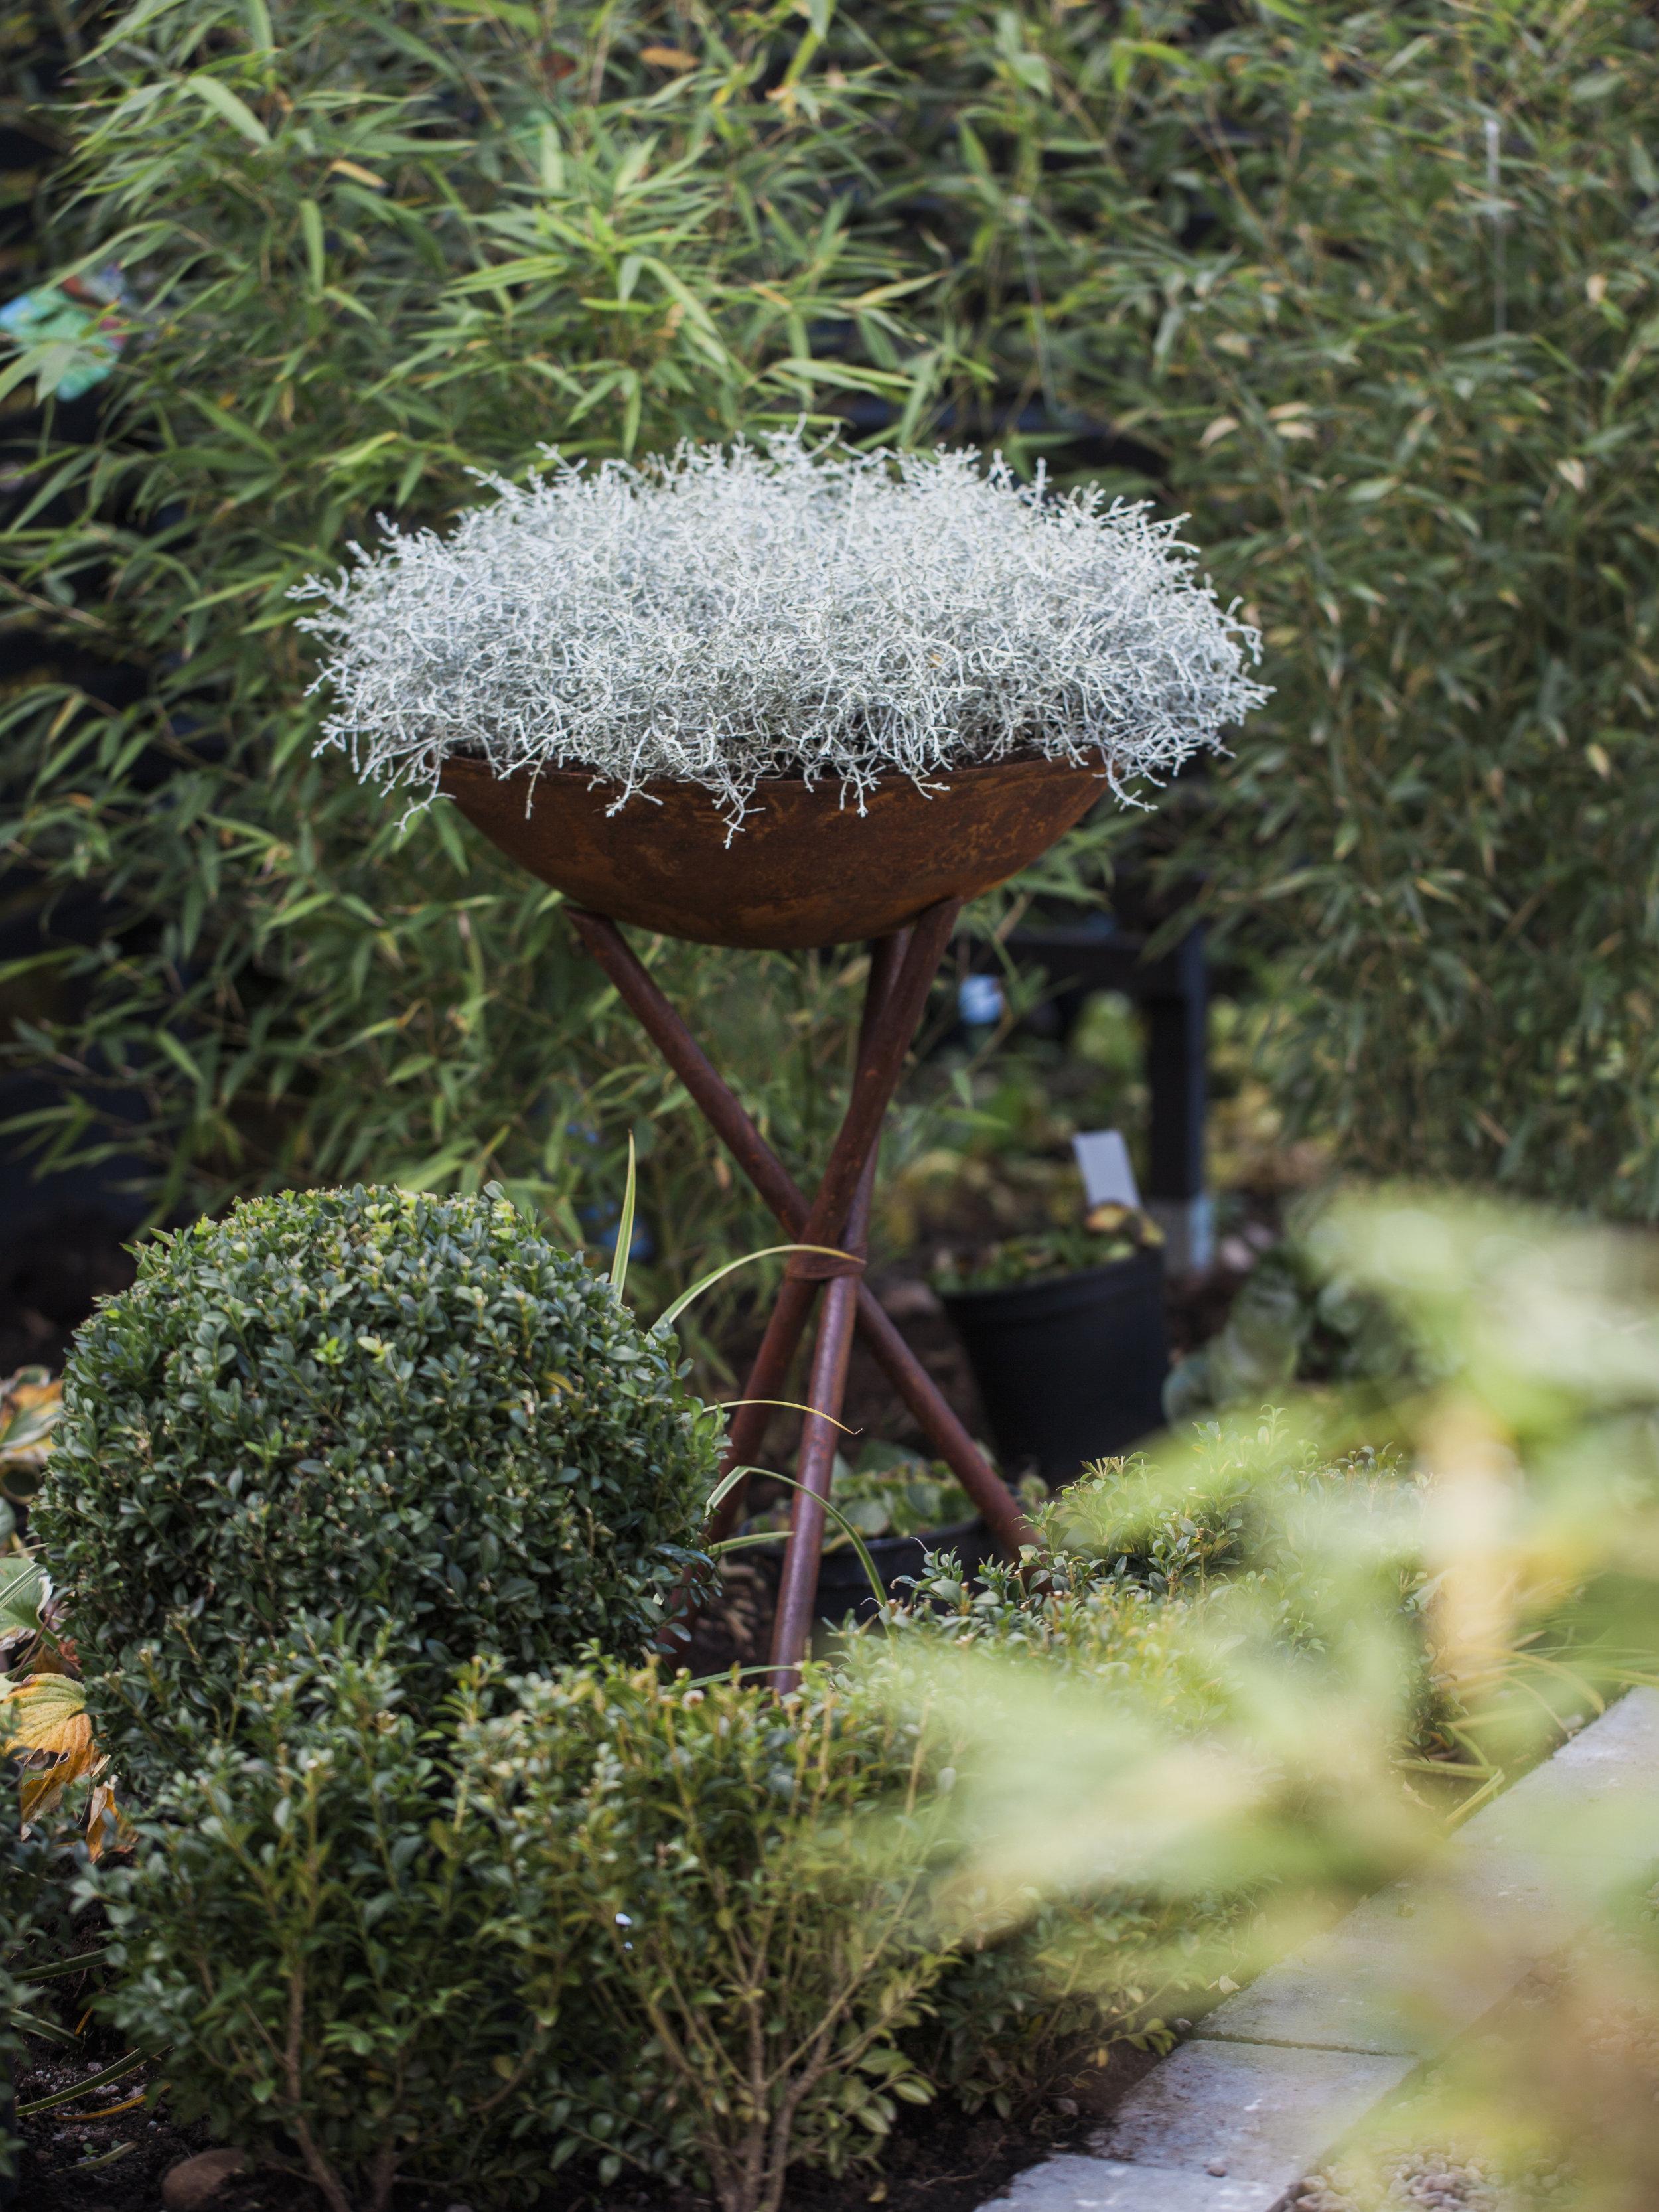 TRÄDGÅRD   Hos oss hittar ni dekorationer till trädgården efter säsong. Vi har allt från större krukor till fågelbad och marschallhållare.